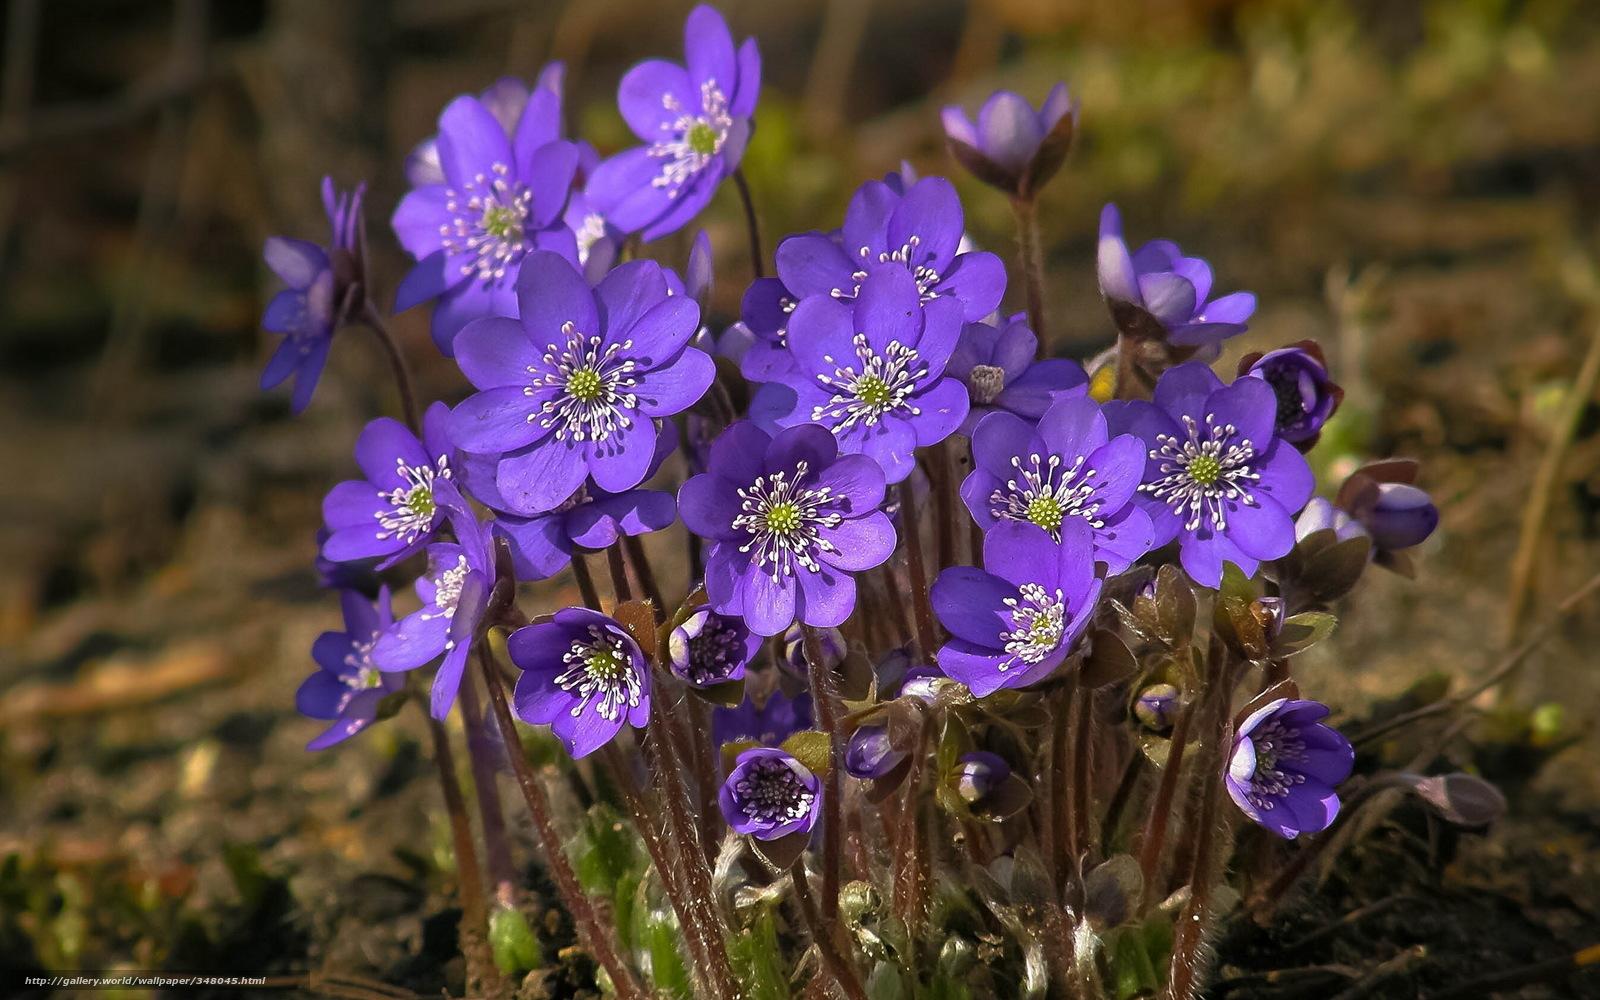 Scaricare Gli Sfondi Viole Fiori Primavera Natura Sfondi Gratis